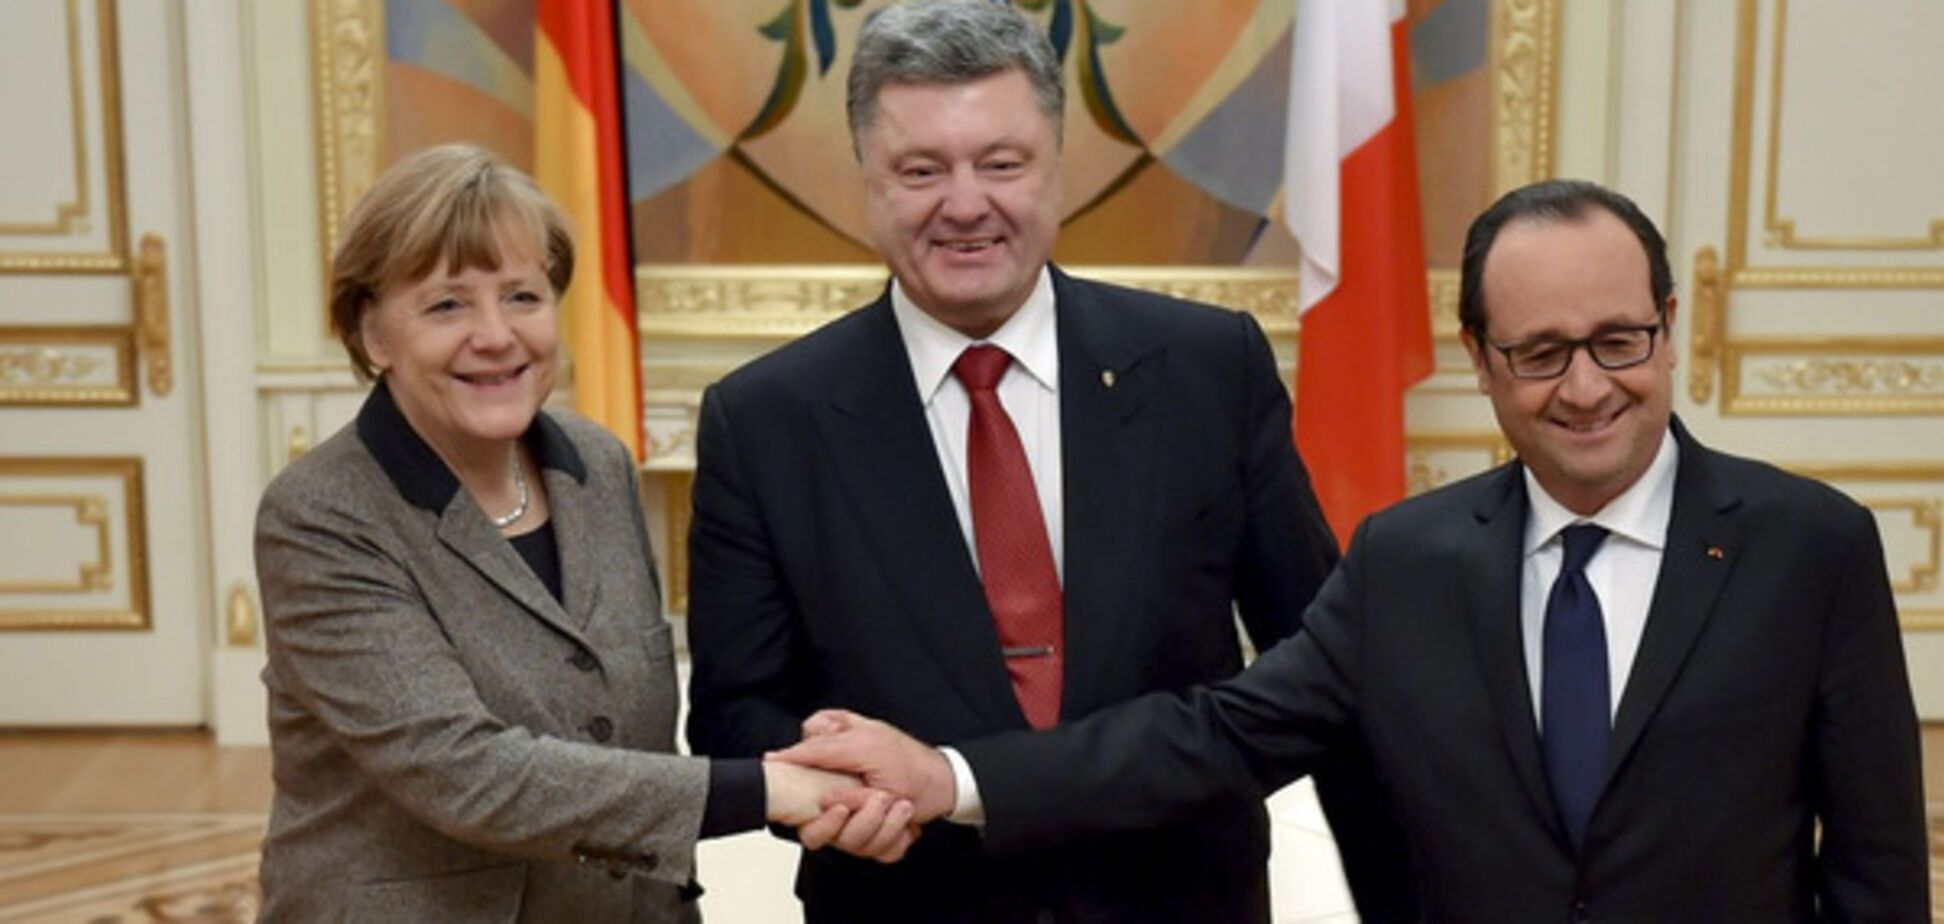 Порошенко, Меркель, Оланд, нормандська четвірка